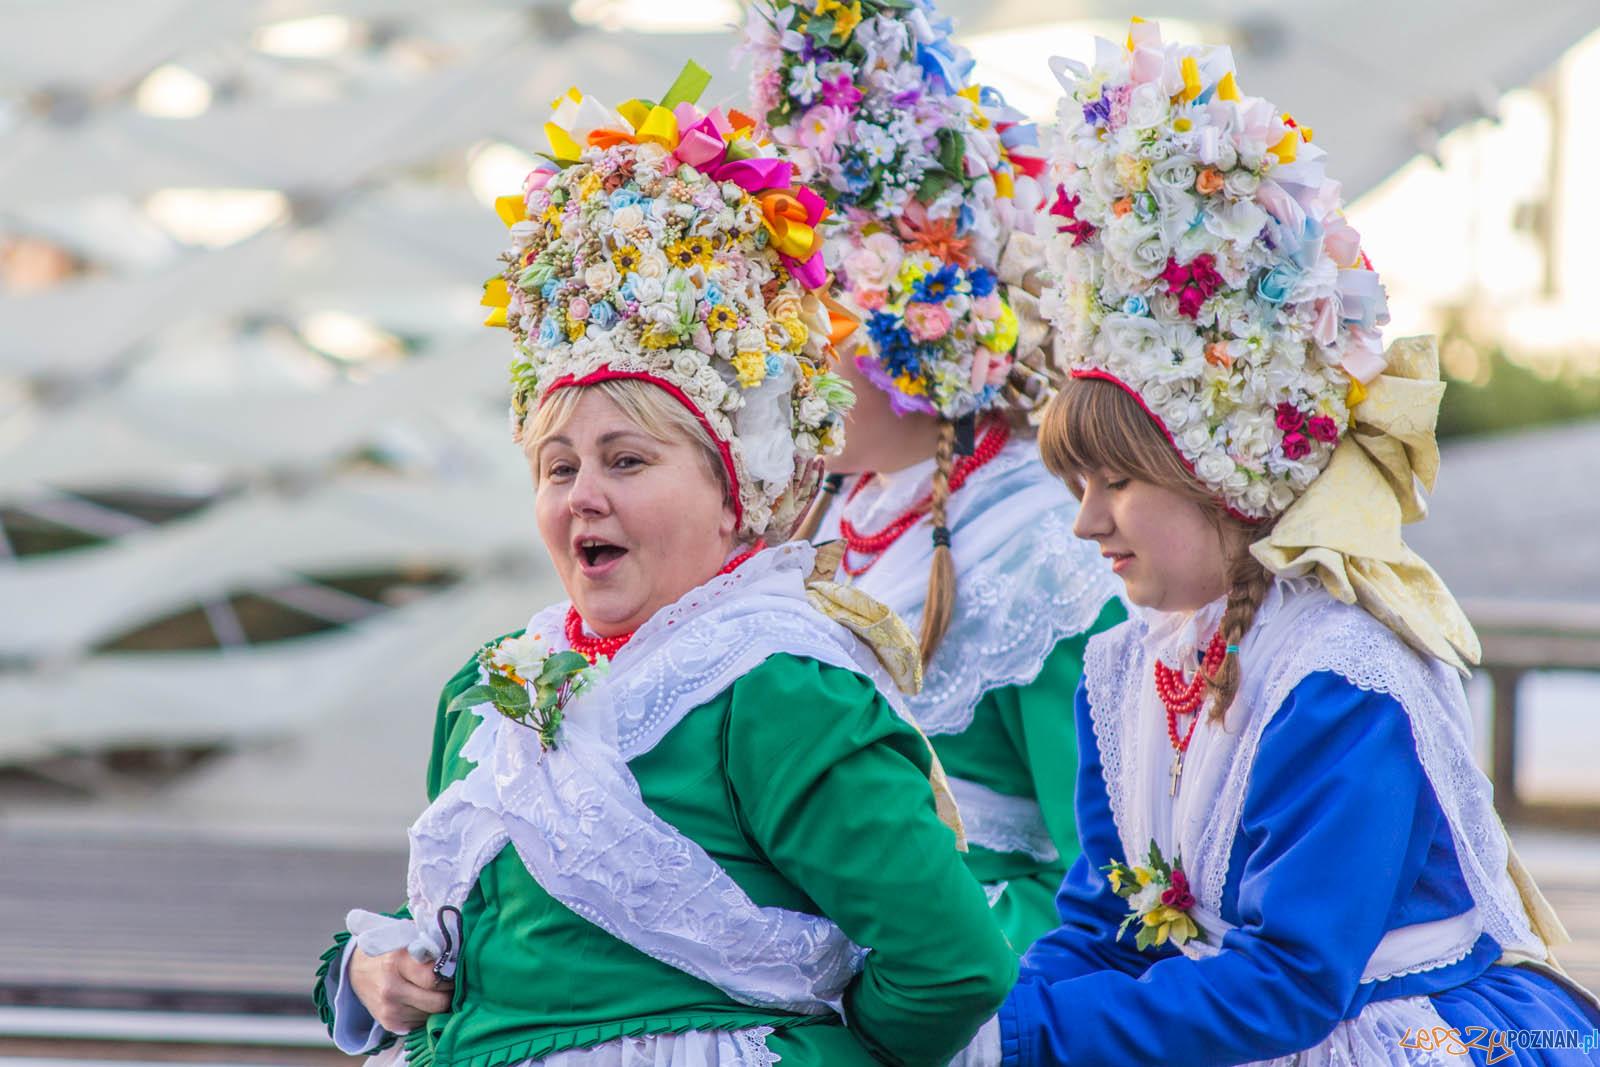 Orszak Trzech Króli  Foto: lepszyPOZNAN.pl / Ewelina Jaskowiak